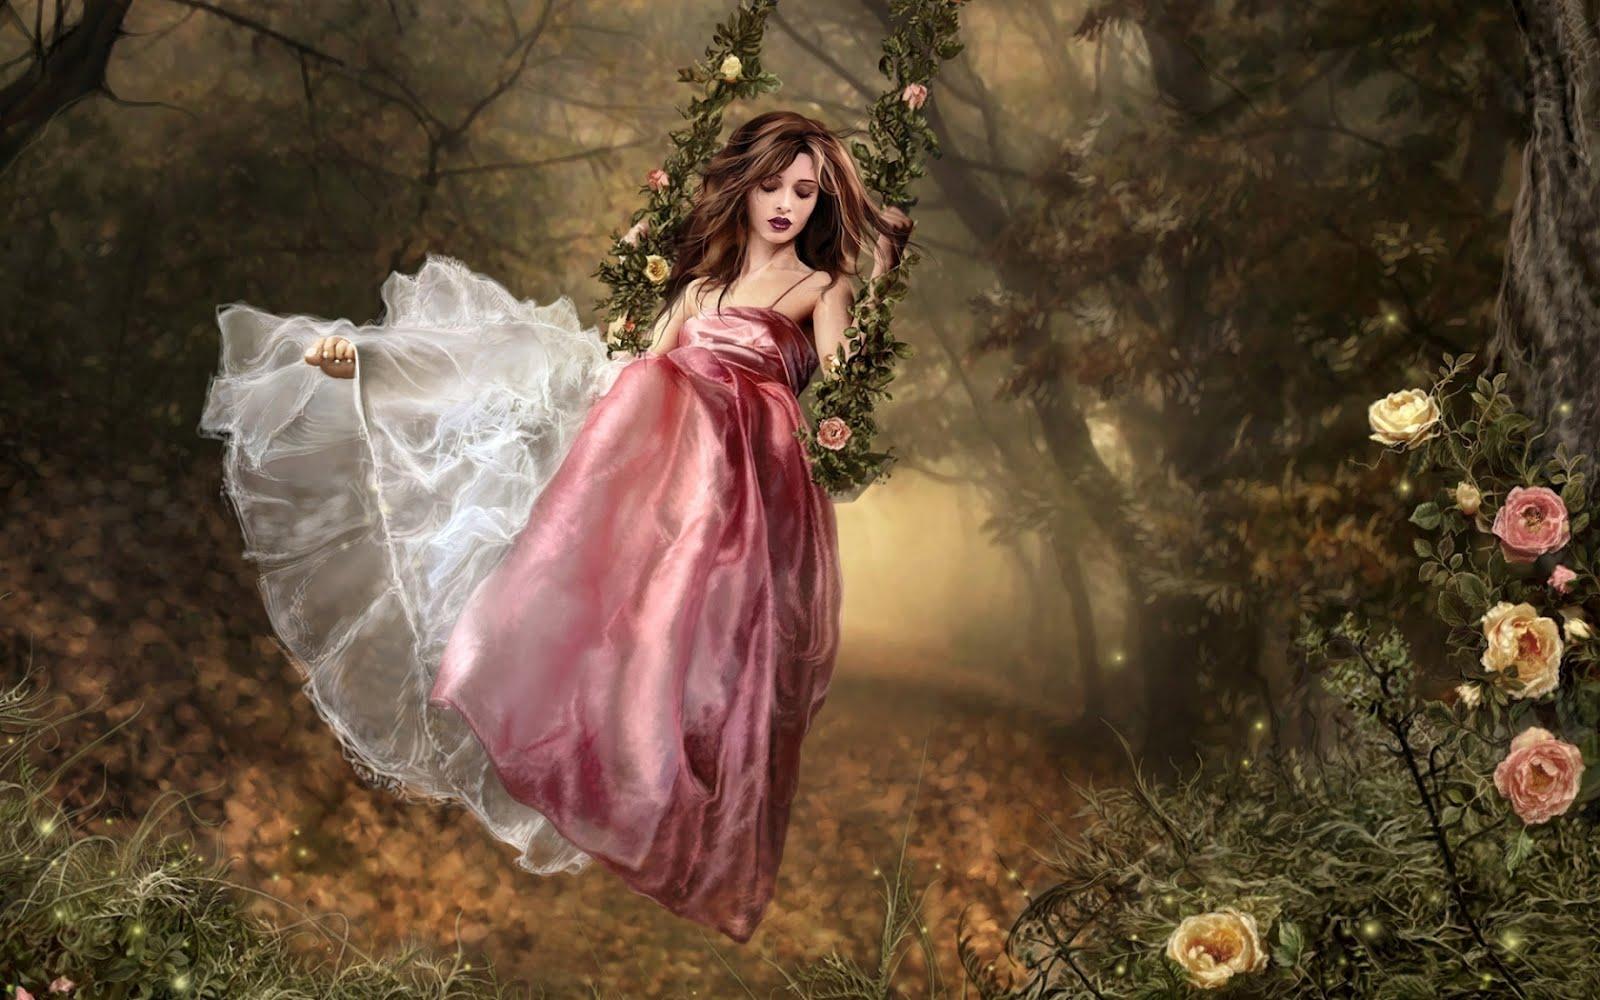 http://1.bp.blogspot.com/-hV0nSoCh_2k/UBRect90tkI/AAAAAAAABEA/IG3jmI_AE2g/s1600/girl_brunette_dress_garden_swing_3233_1680x1050.jpg